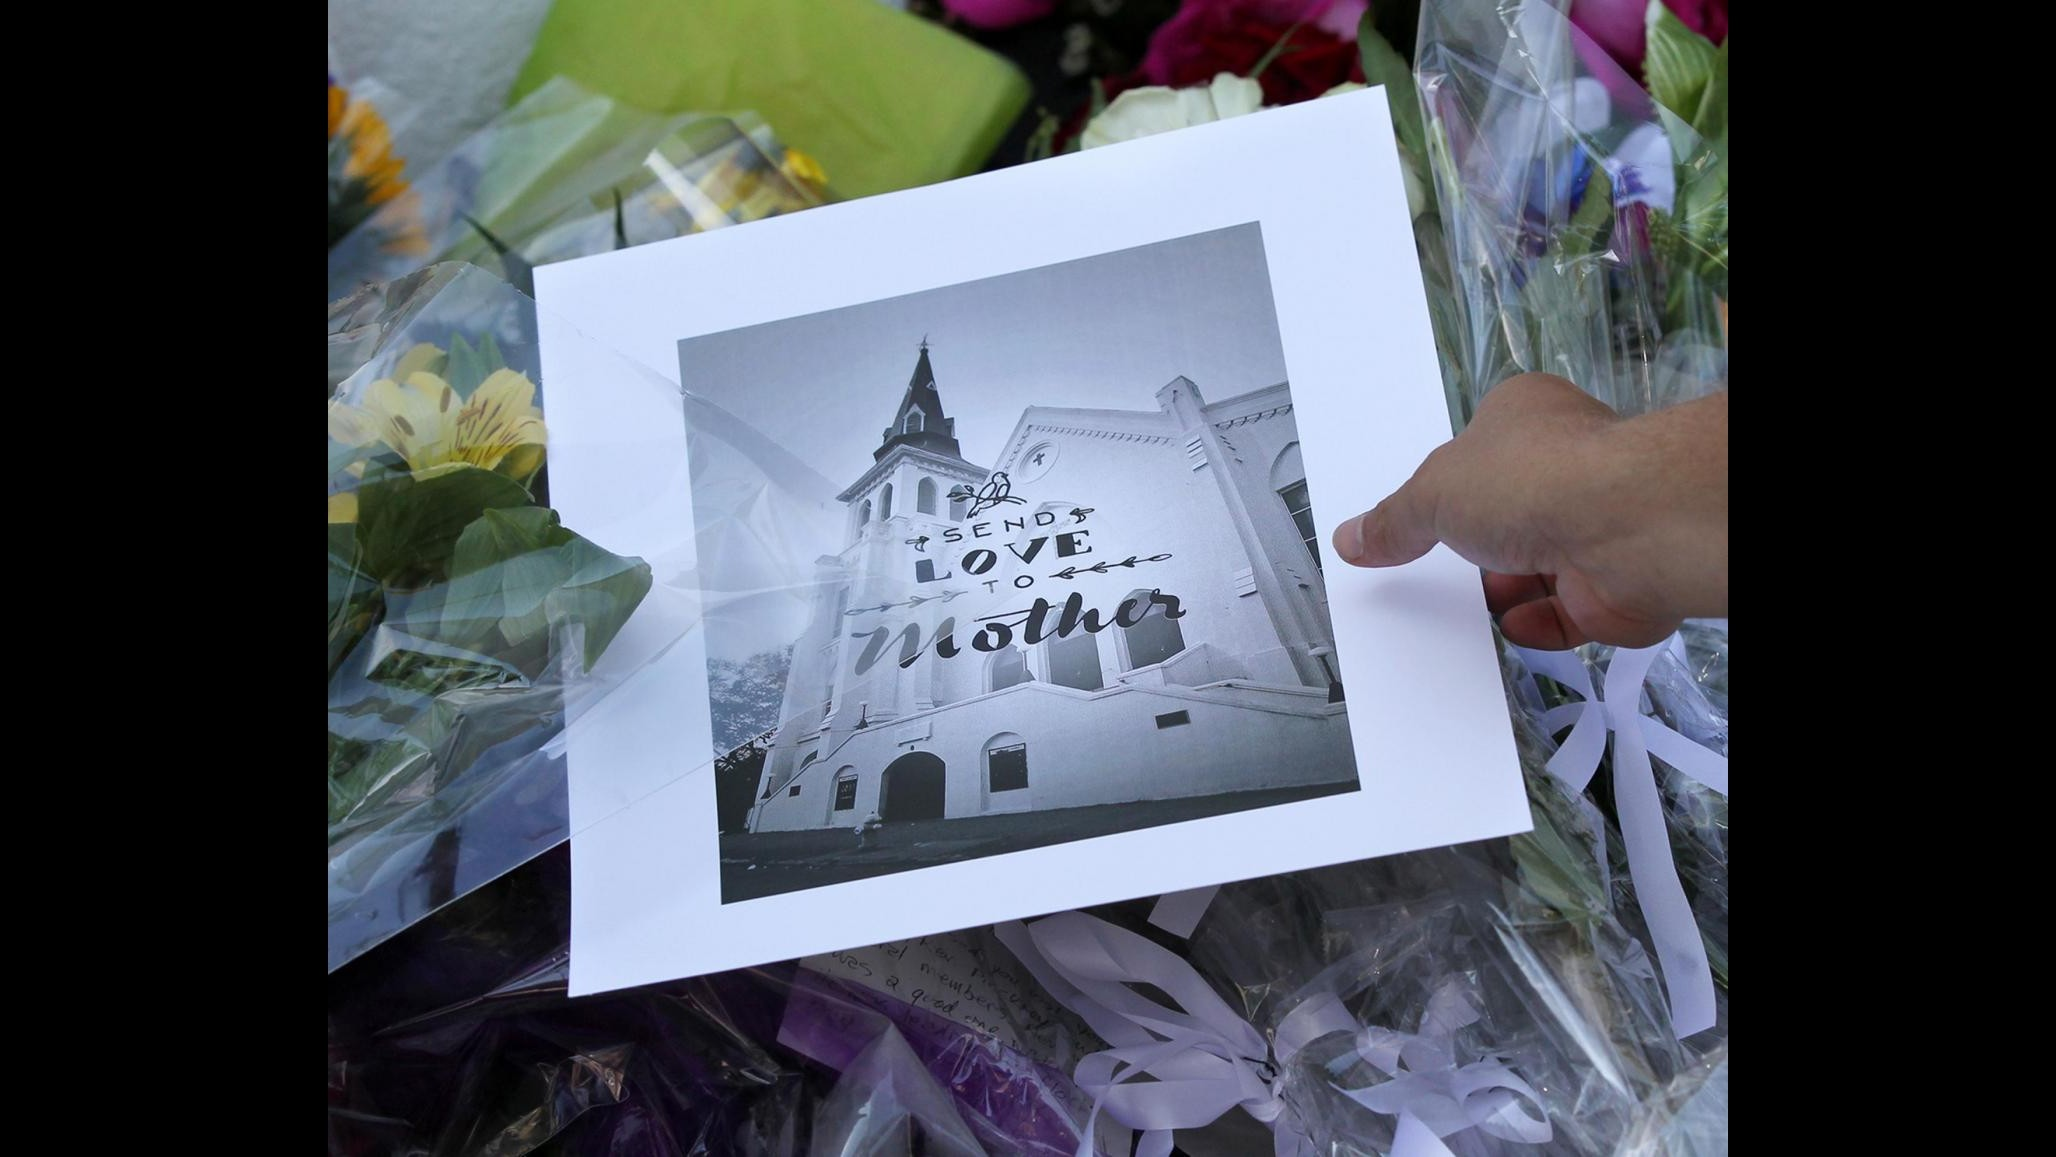 Charleston, il giorno del lutto: città riunita a ricordo vittime